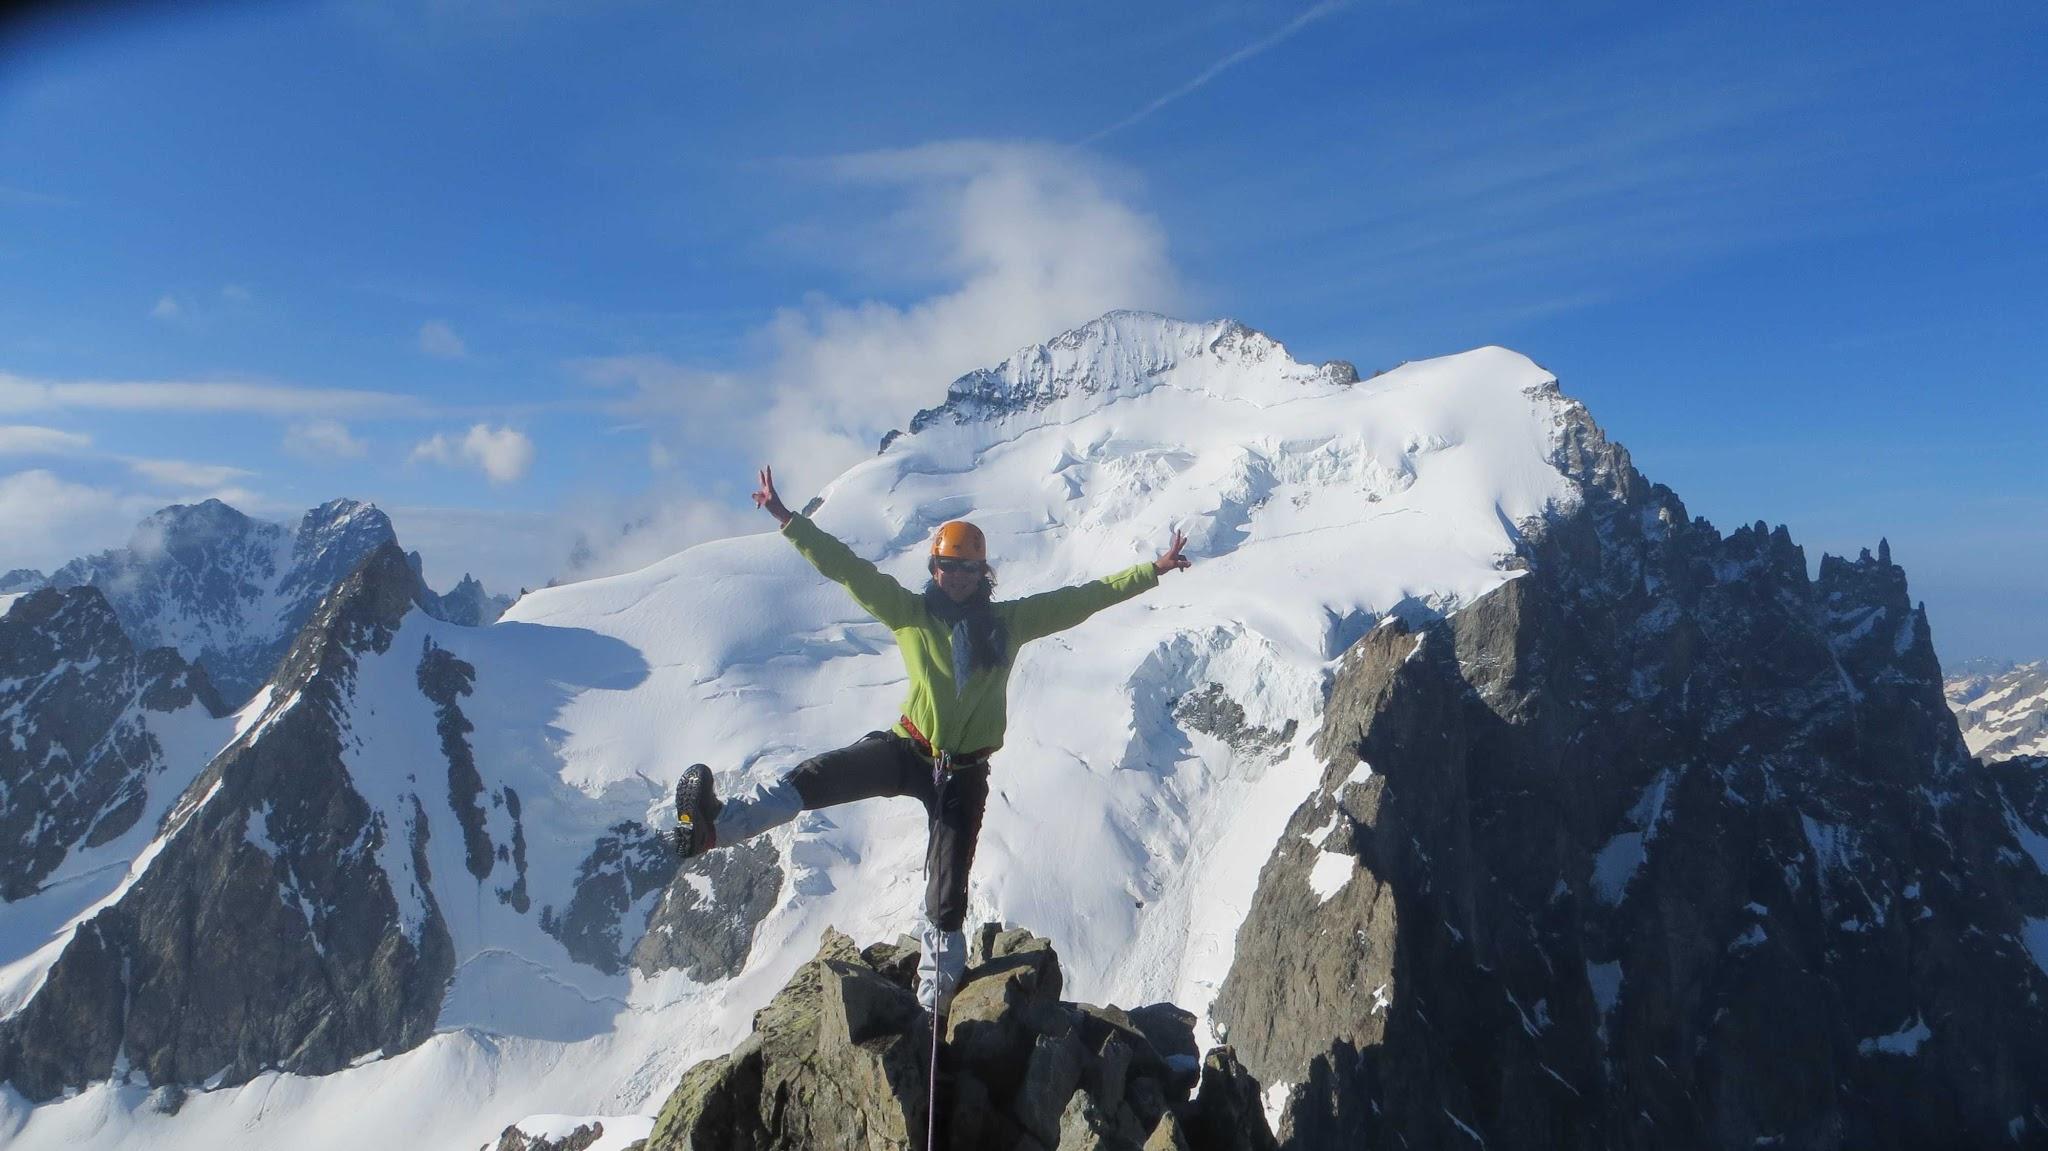 Joie au sommet de Roche Faurio avec un guide de haute montagne